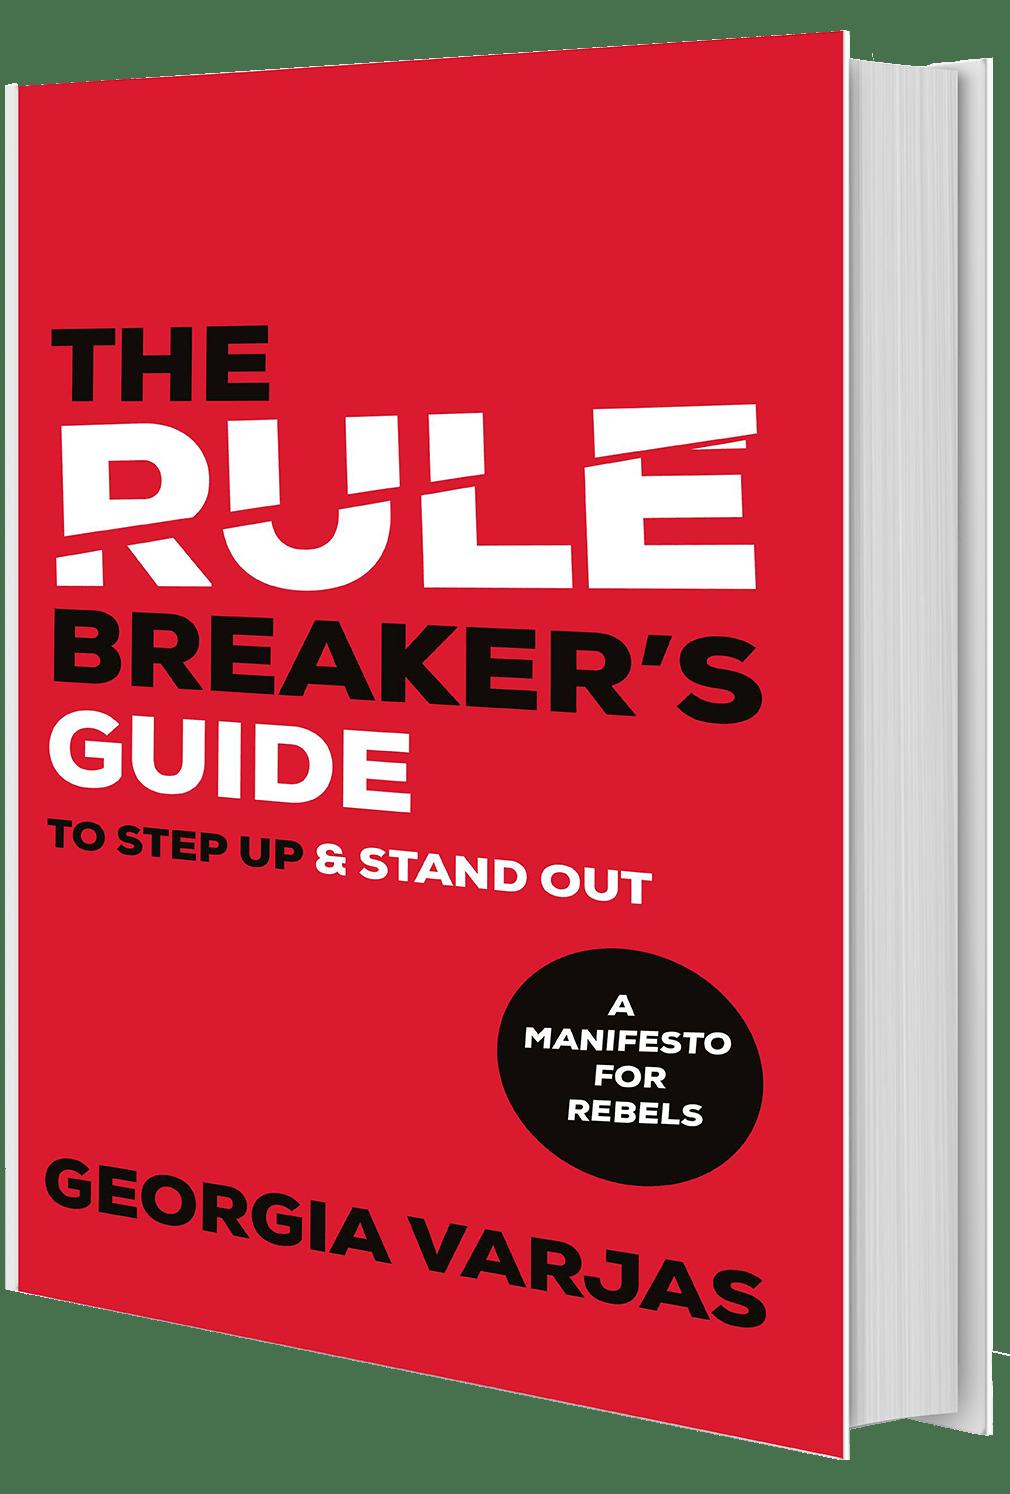 The Rule Breaker's Guide - Georgia Varjas